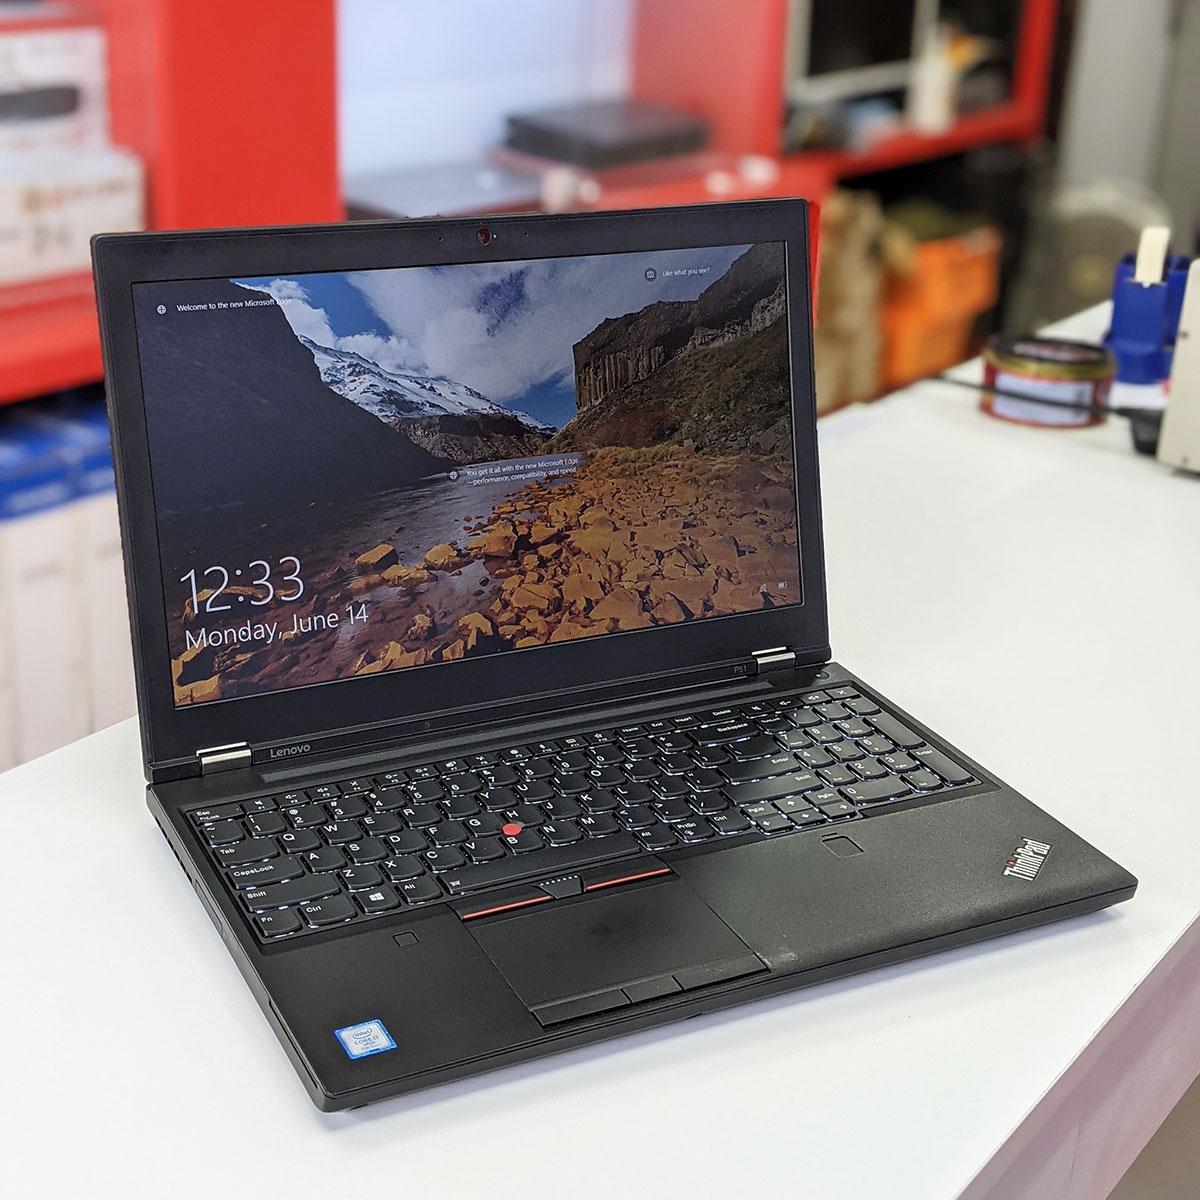 Lenovo Thinkpad P51 Core i7-7820HQ,  Ram 32GB, SSD 512GB, Quadro M2200 4GB, 15.6 Inch FHD IPS